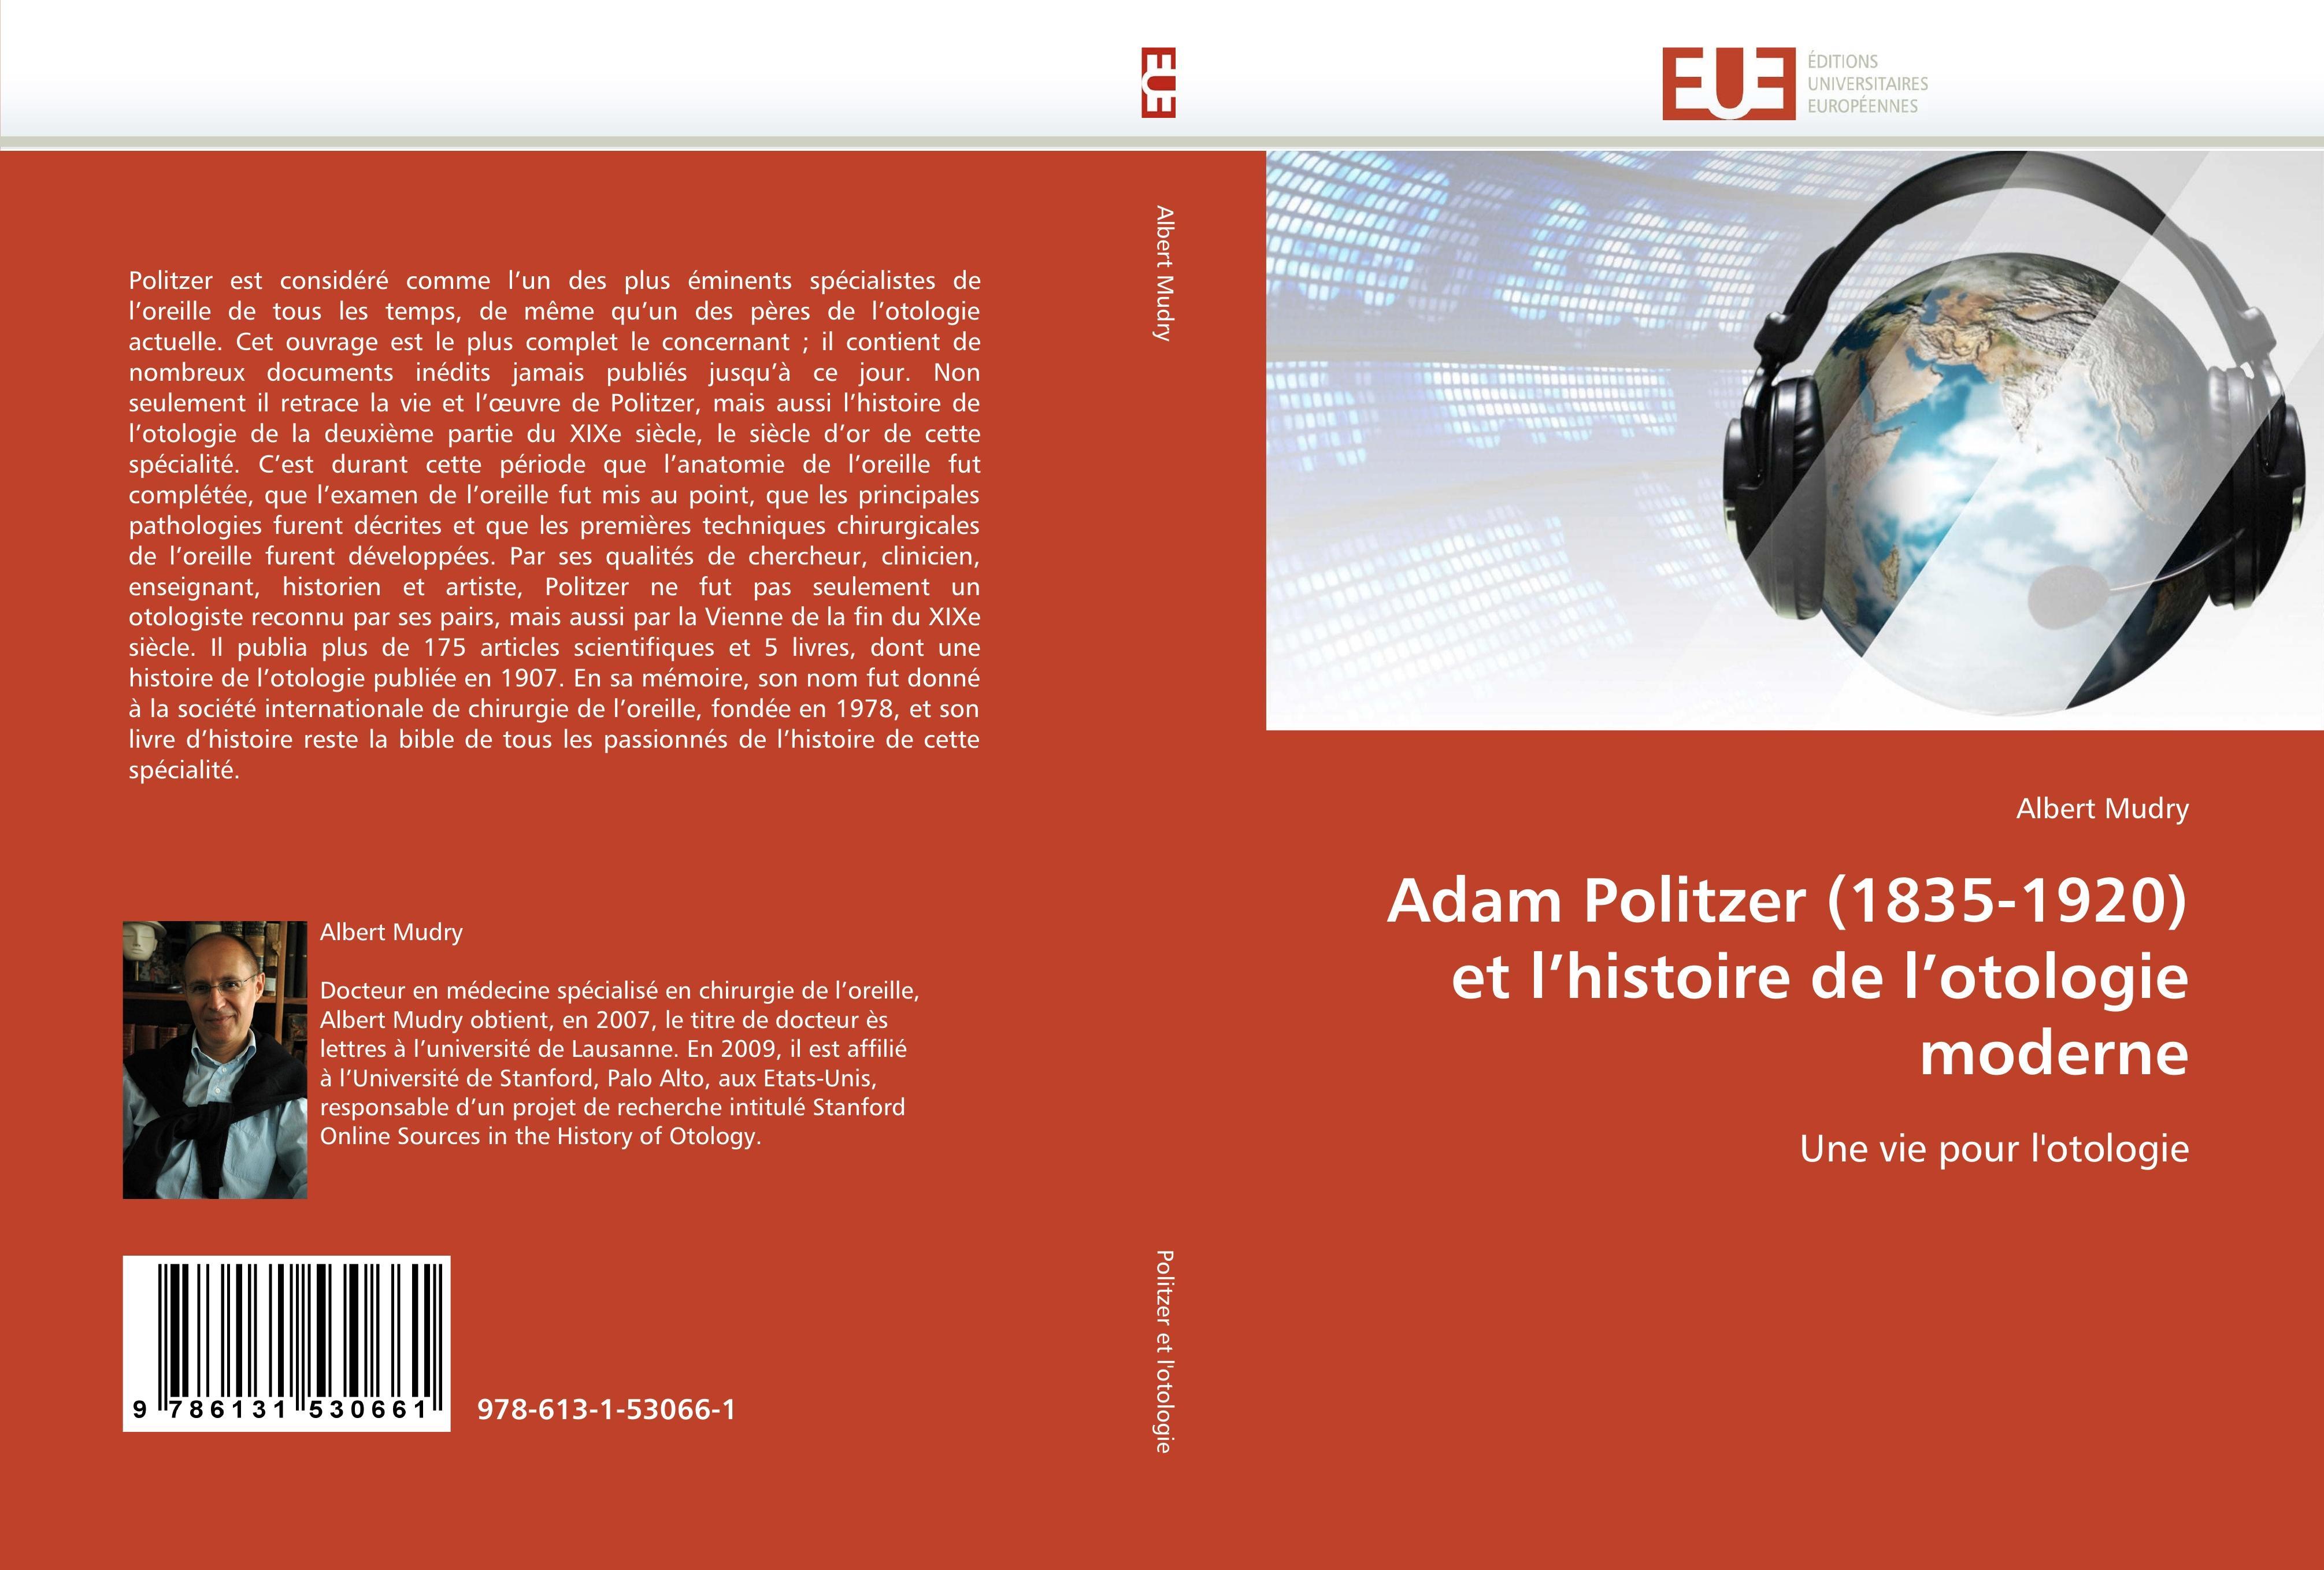 Adam Politzer (1835-1920) Et l''histoire de l''otologie Moderne  Mudry-A  Taschenbuch  Omn.Univ.Europ  Französisch  2018 - Mudry-A